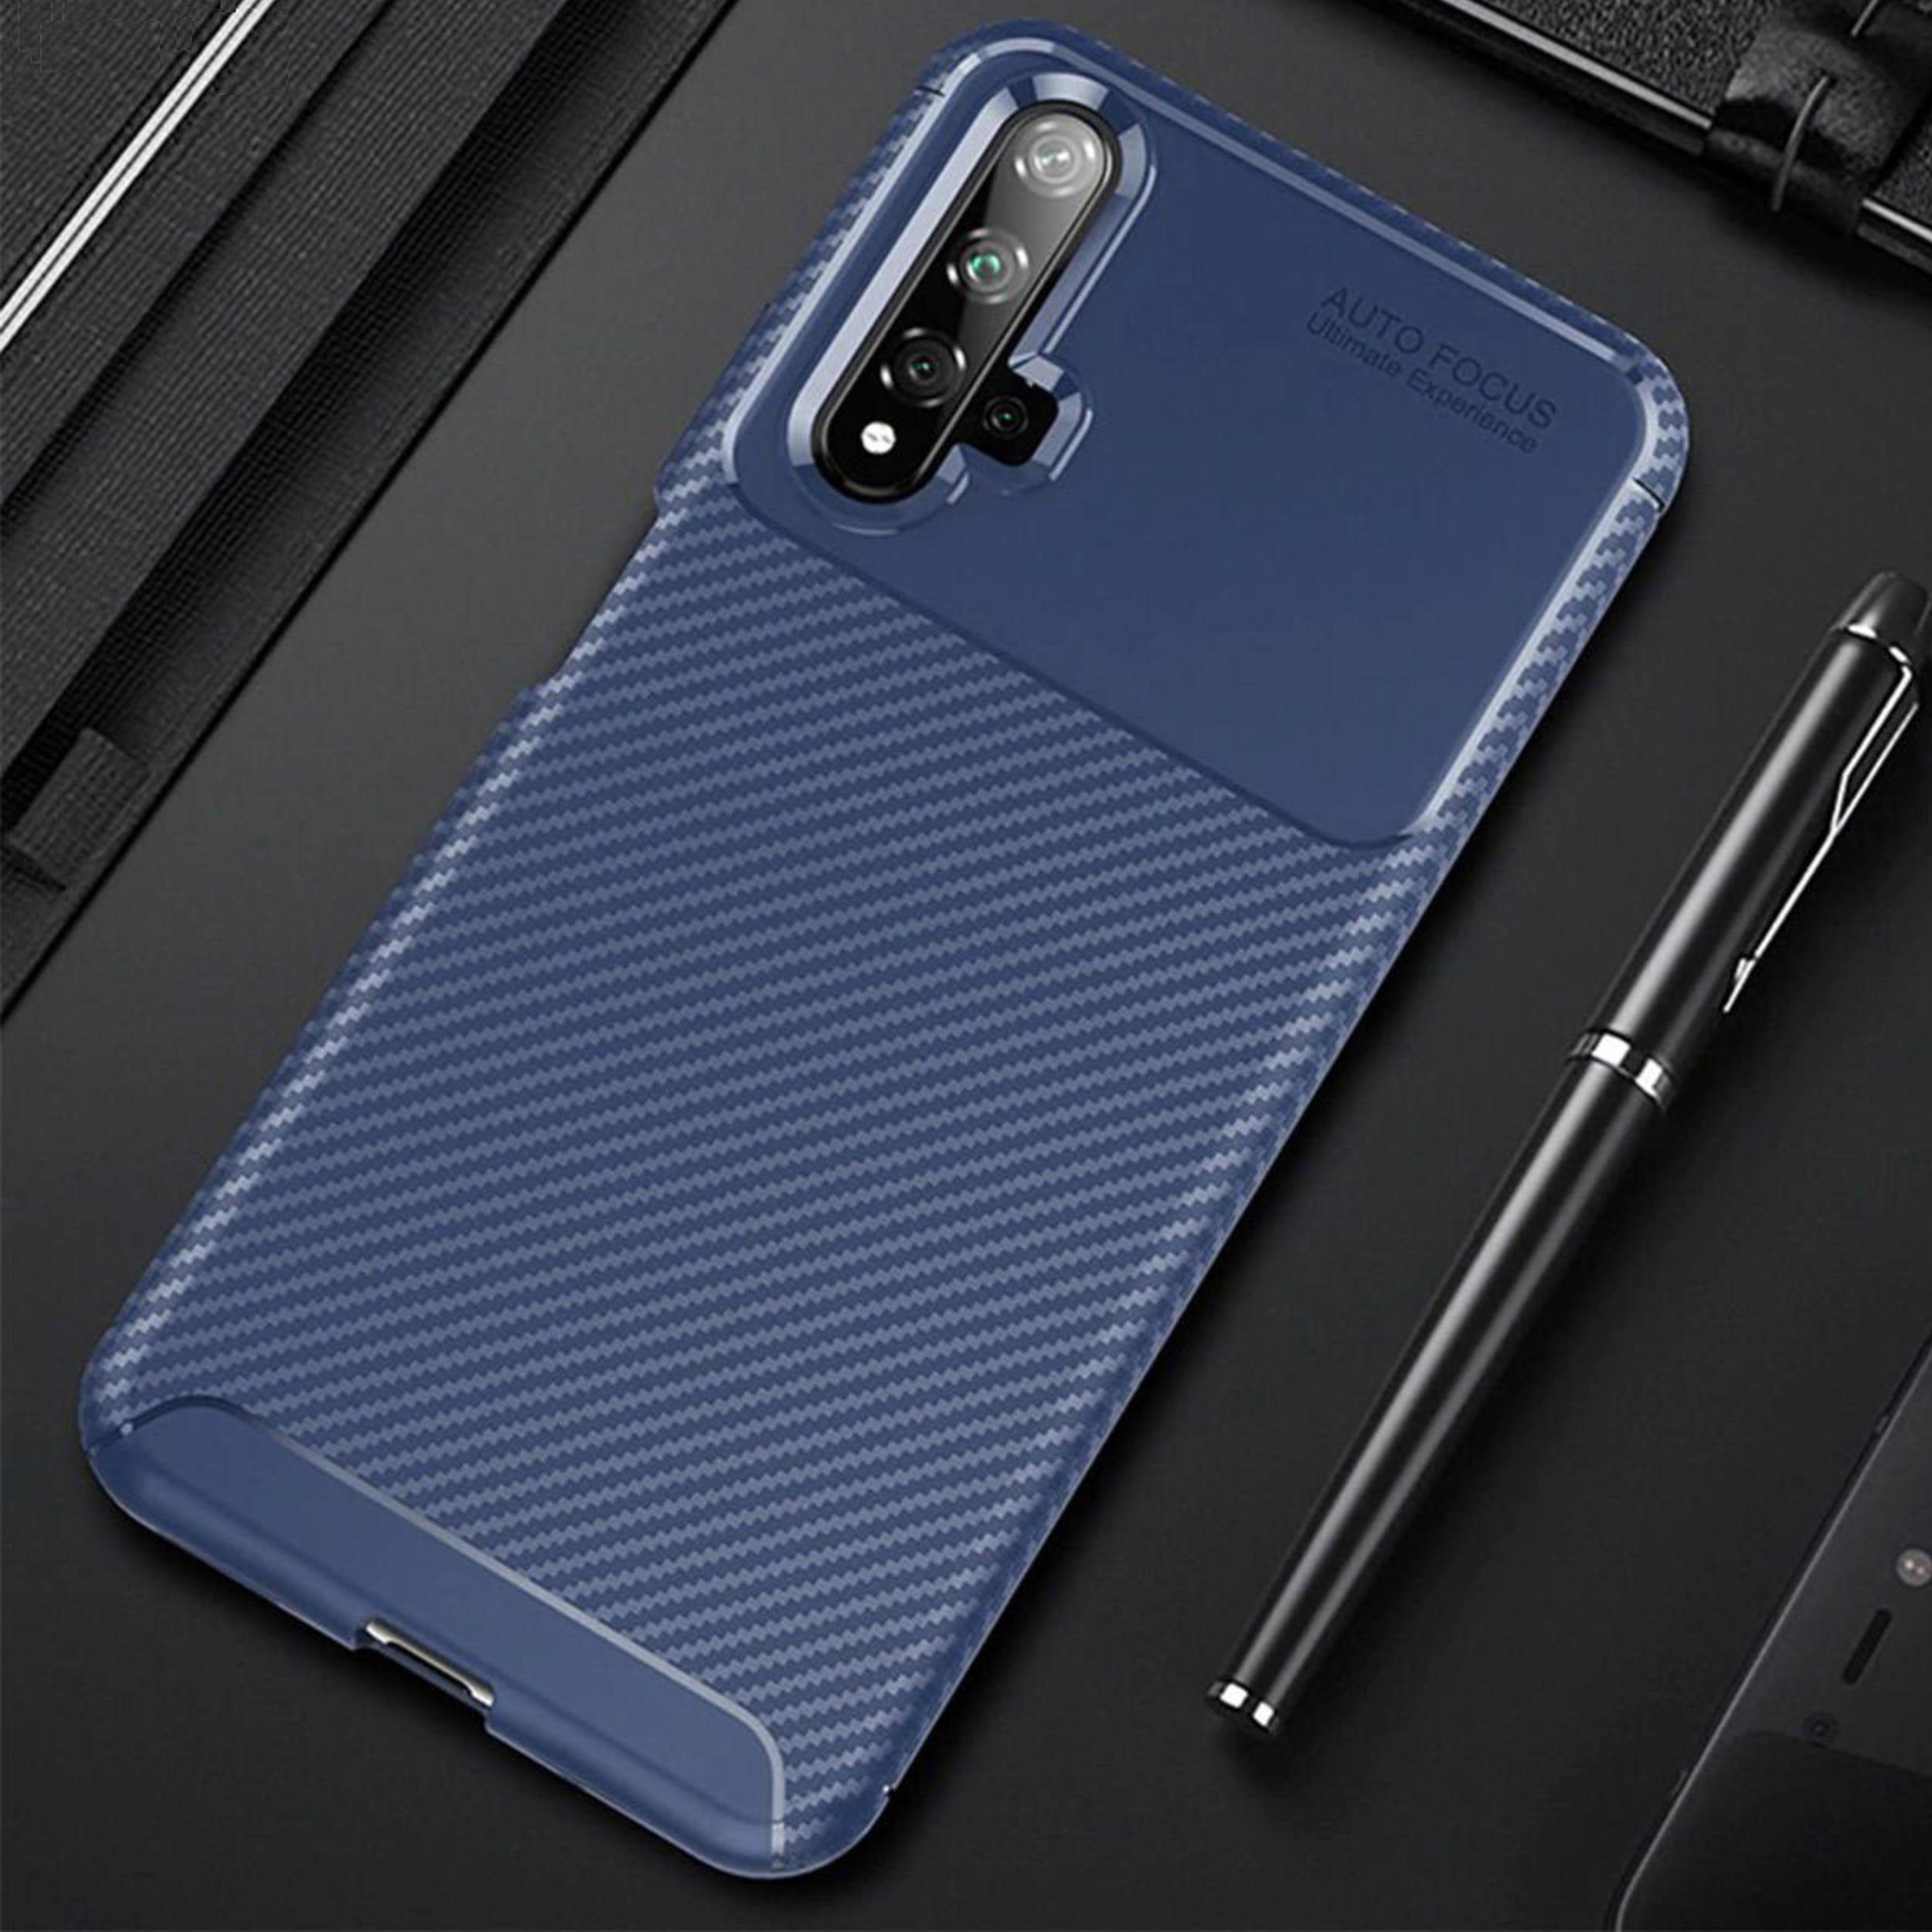 کاور لاین کینگ مدل A21 مناسب برای گوشی موبایل هوآوی Nova 5T thumb 2 9